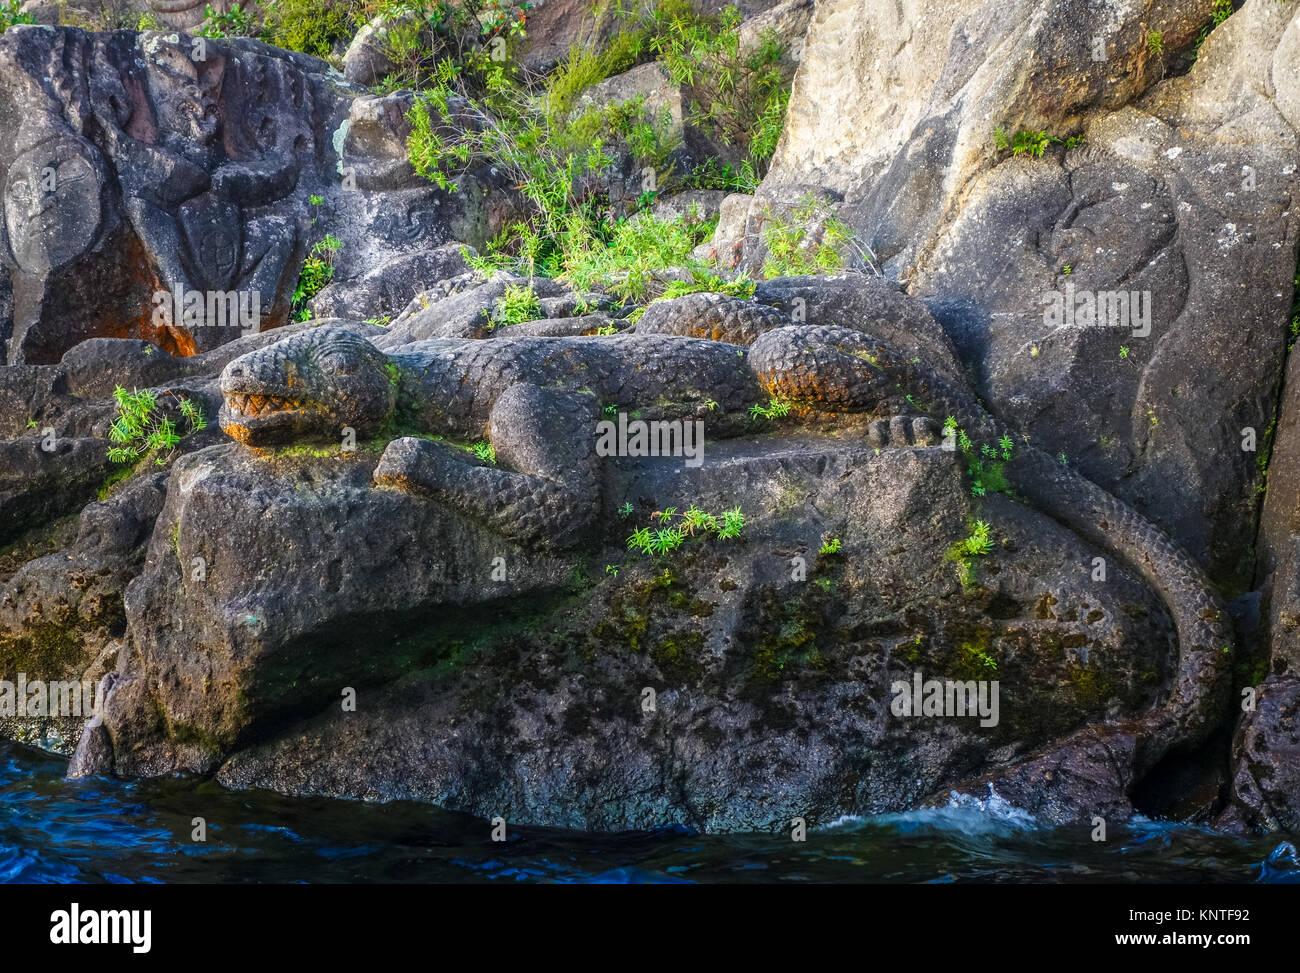 Las tallas de piedra tradicional maorí, un lagarto, el Lago Taupo, Nueva Zelandia Foto de stock